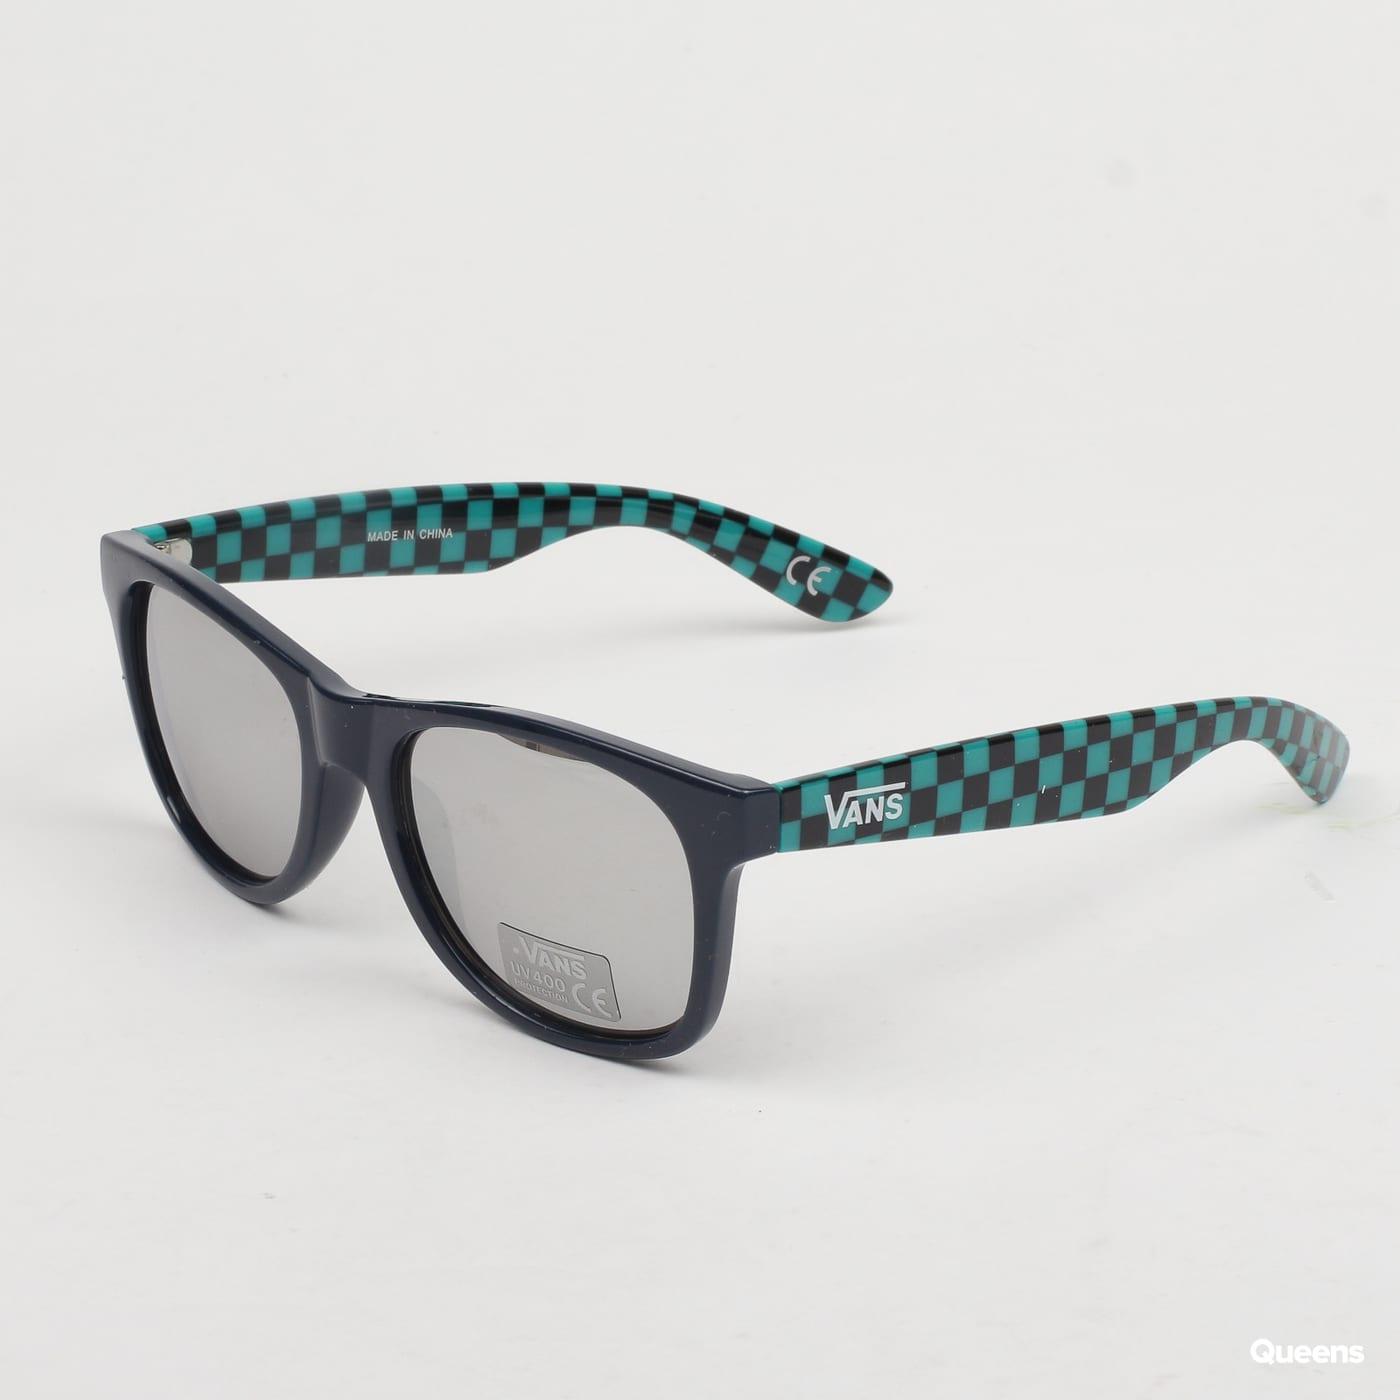 9591db151 Slnečné okuliare Vans MN Spicoli 4 Shade strieborné / čierne / tyrkysové  (VN000LC0TDK1) – Queens 💚